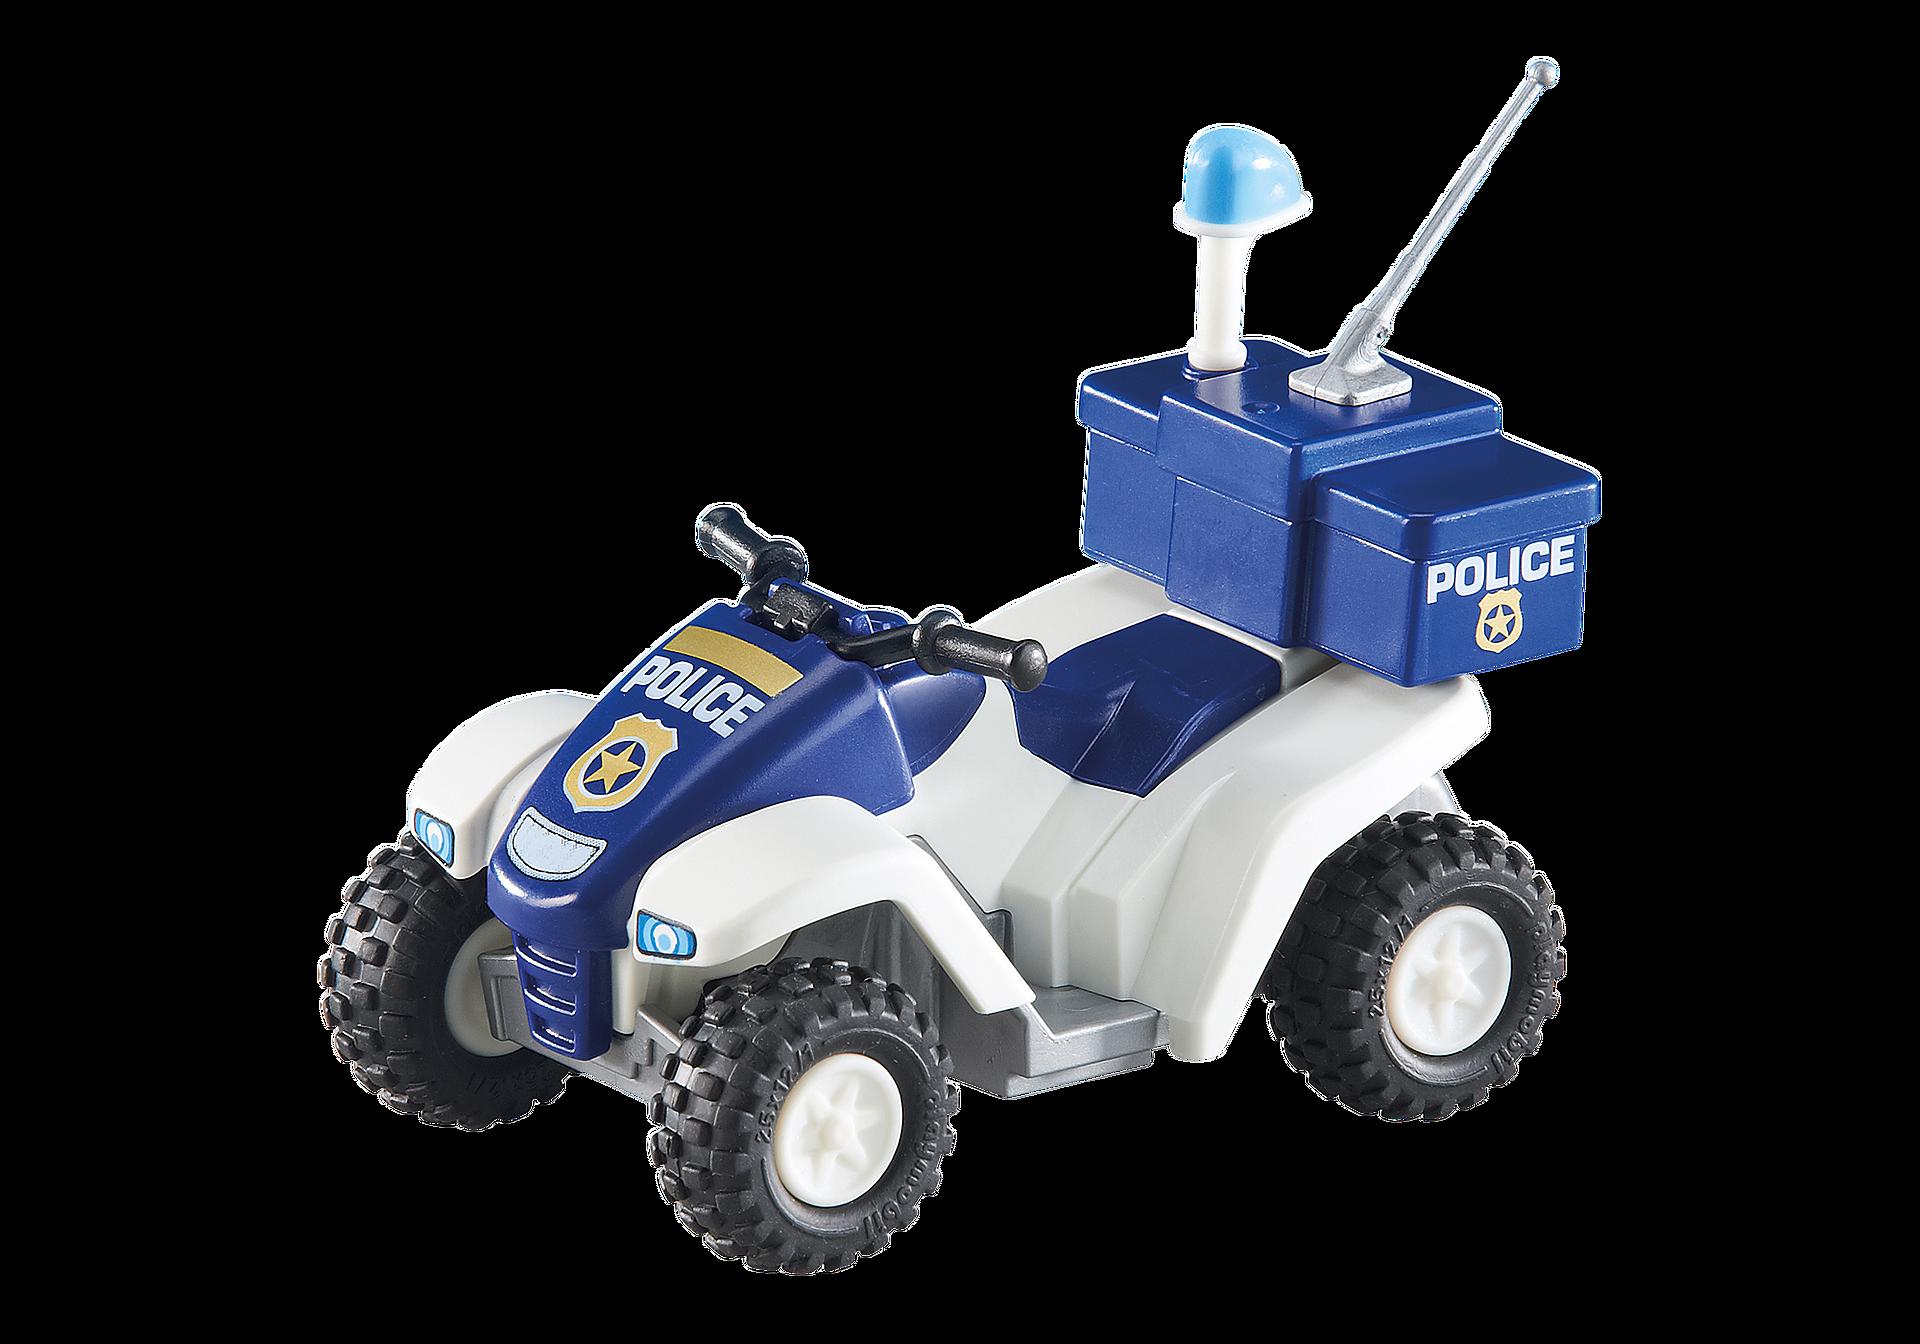 http://media.playmobil.com/i/playmobil/6504_product_detail/Polizei-Quad